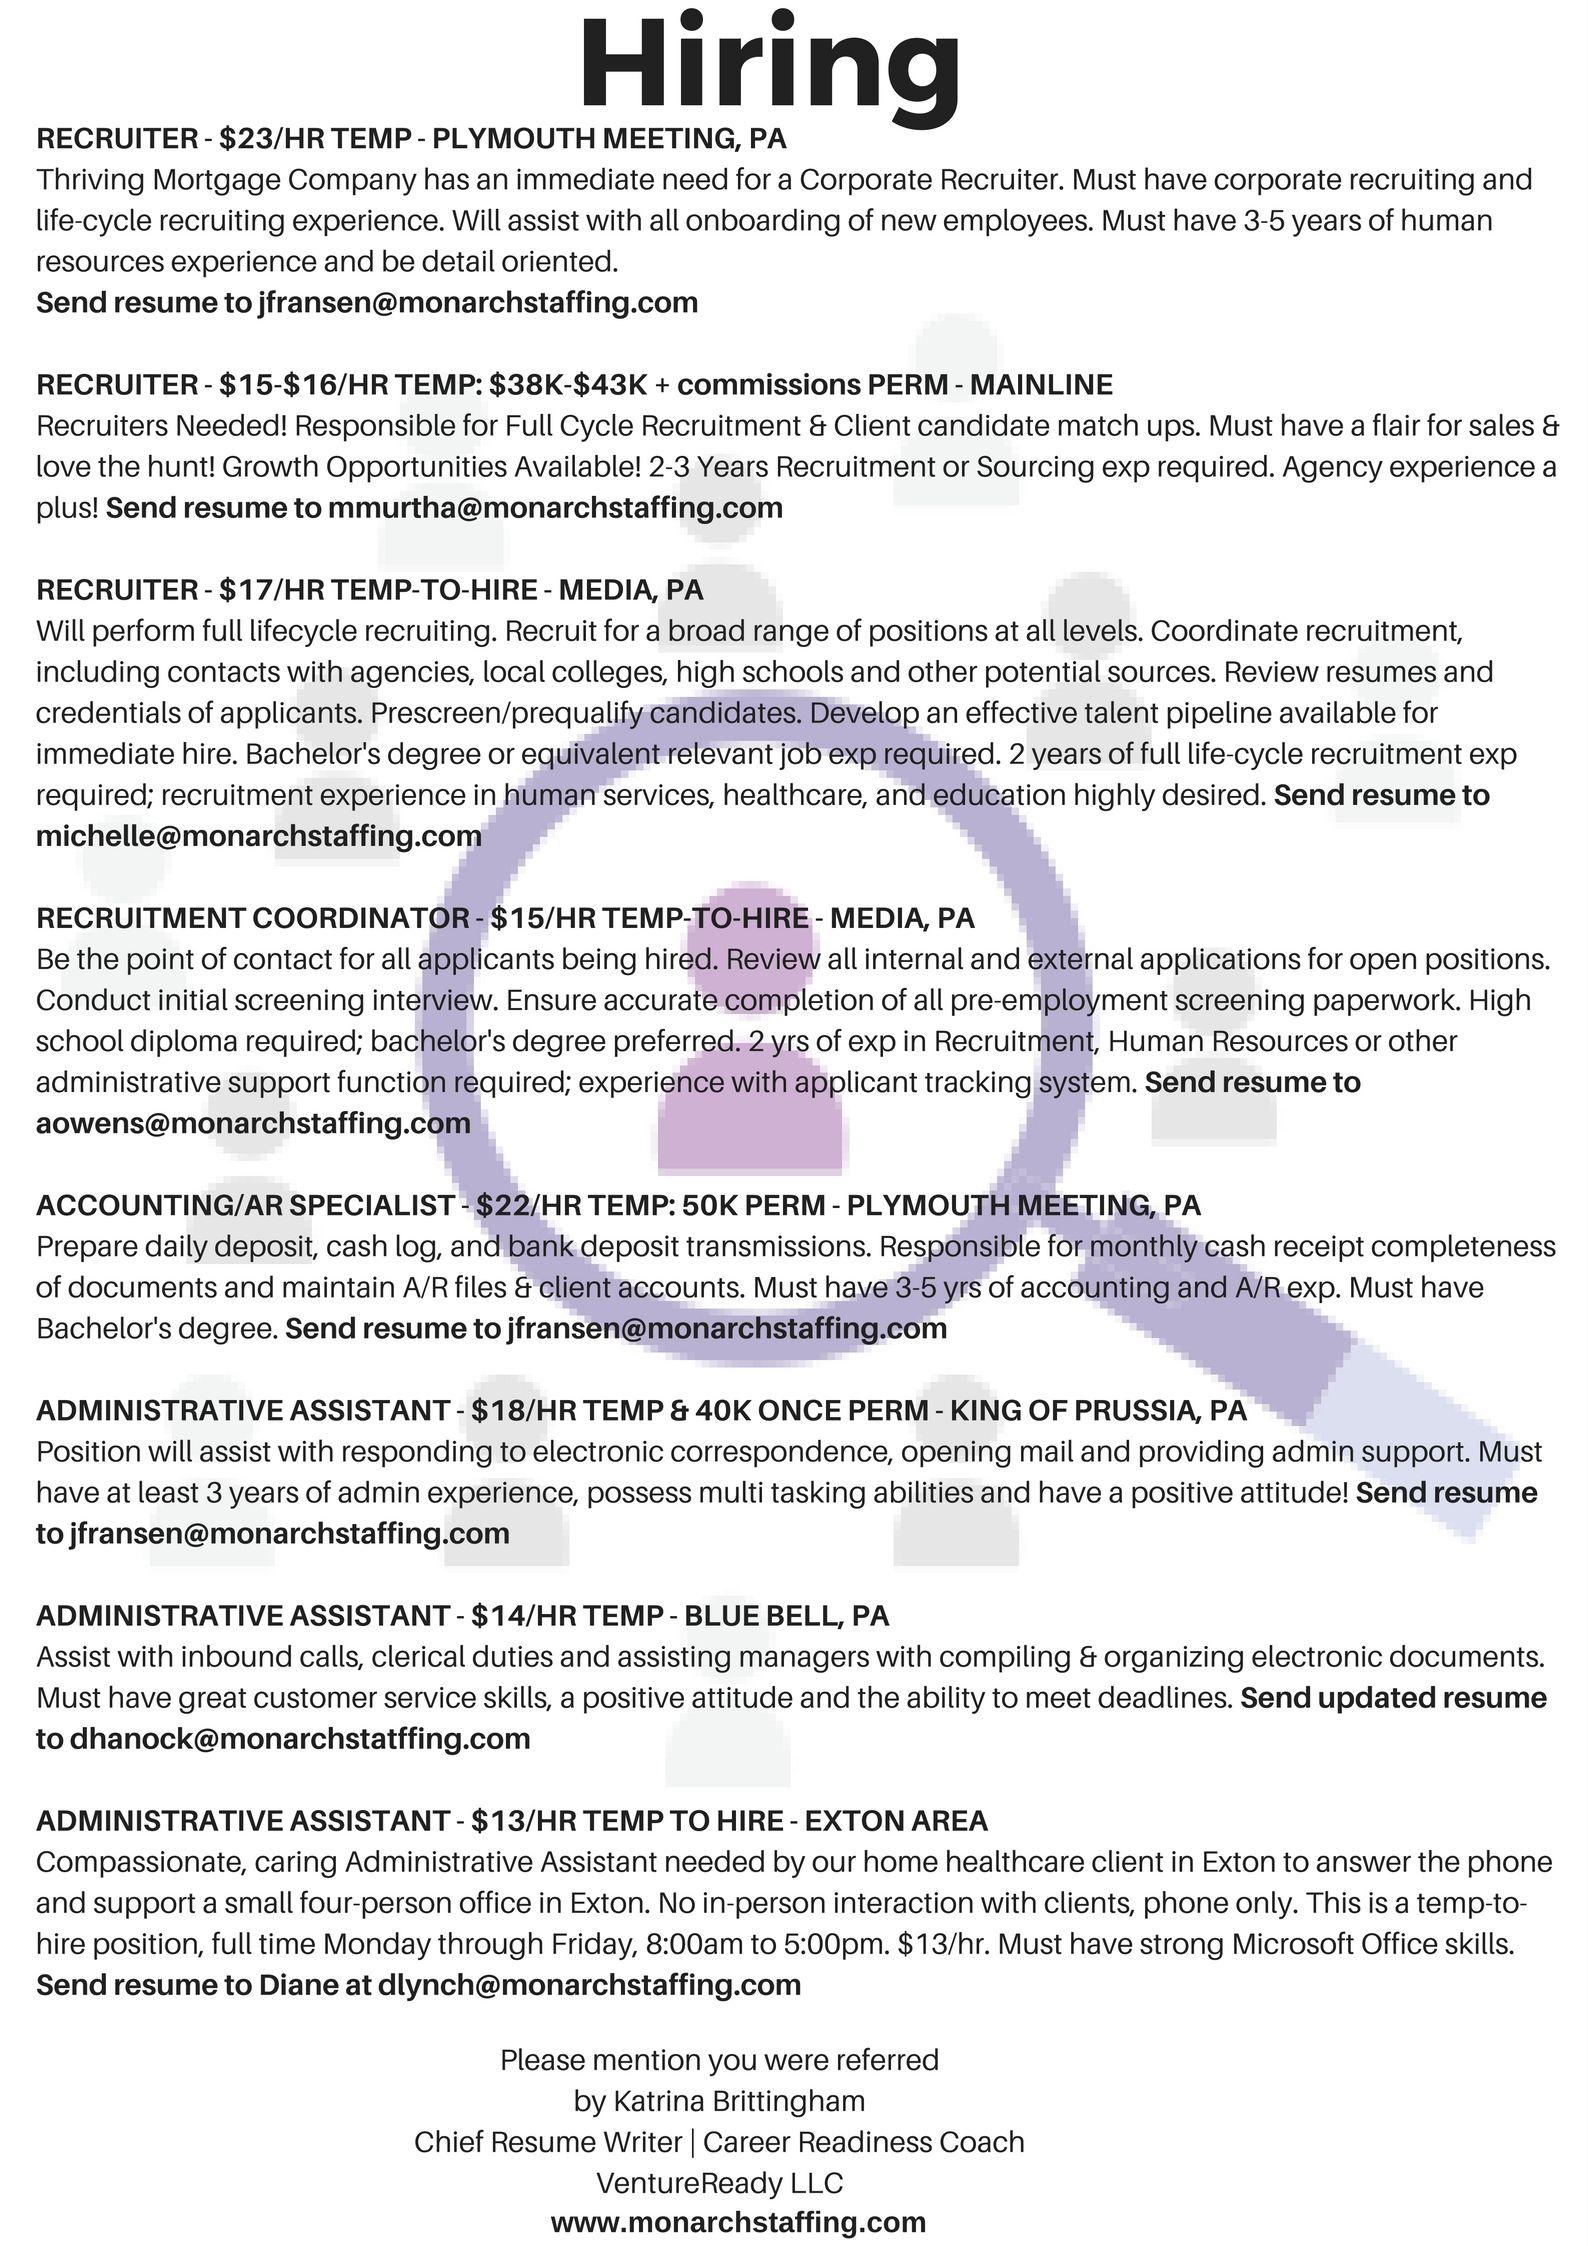 Pin by VentureReady LLC on Career Advice   Pinterest   Career advice